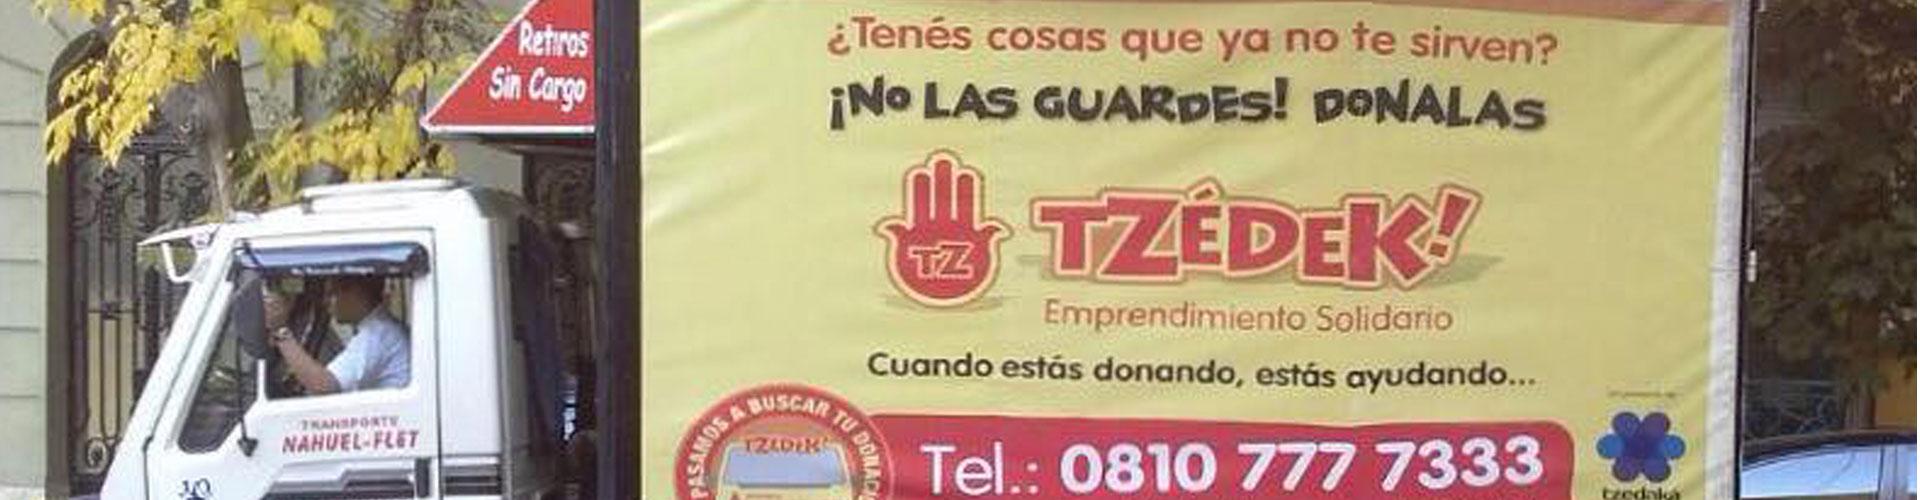 Camión Tzedek donaciones retiros gratis